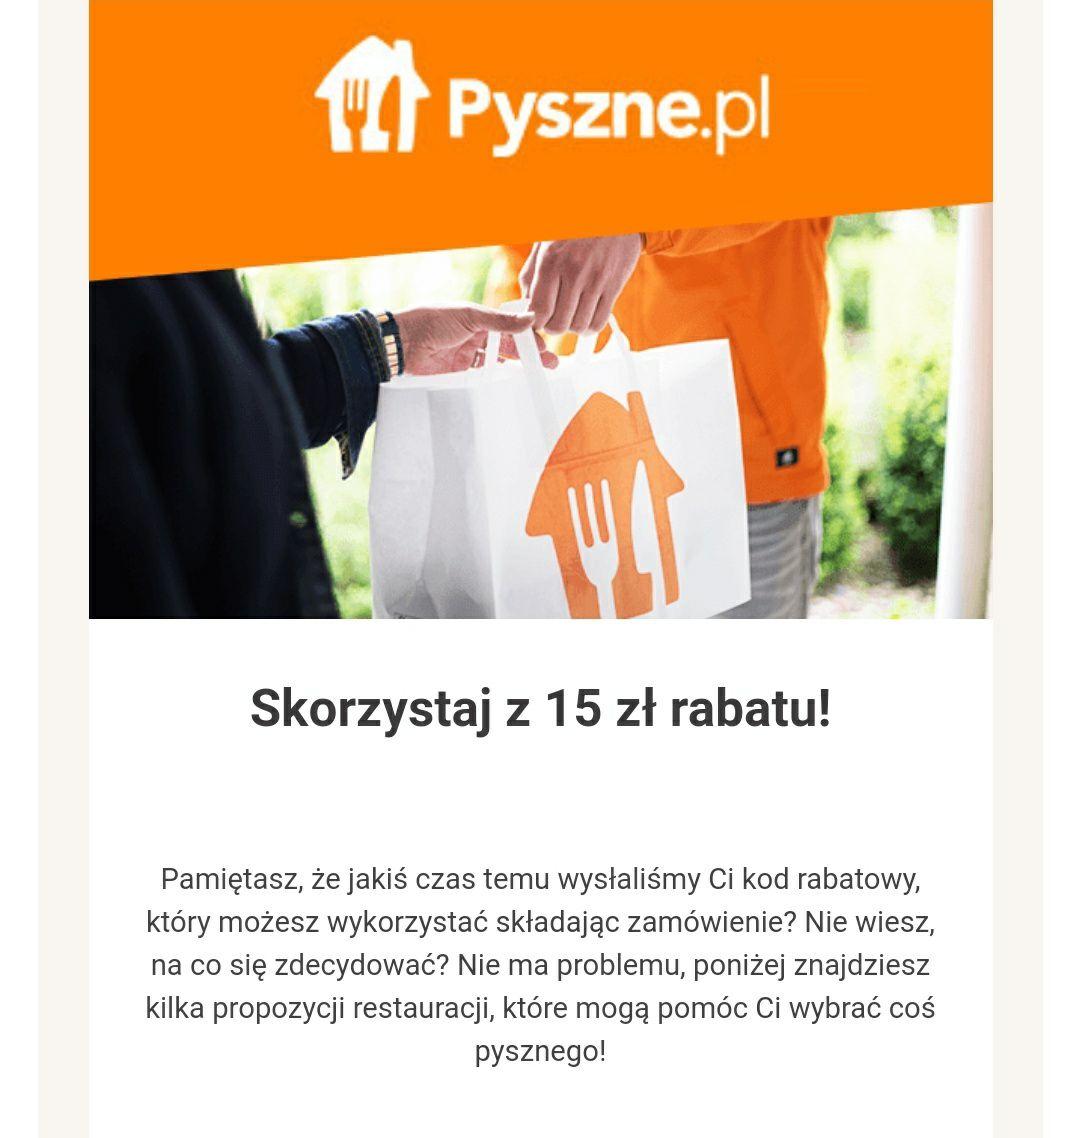 Pyszne.pl kody -15zł